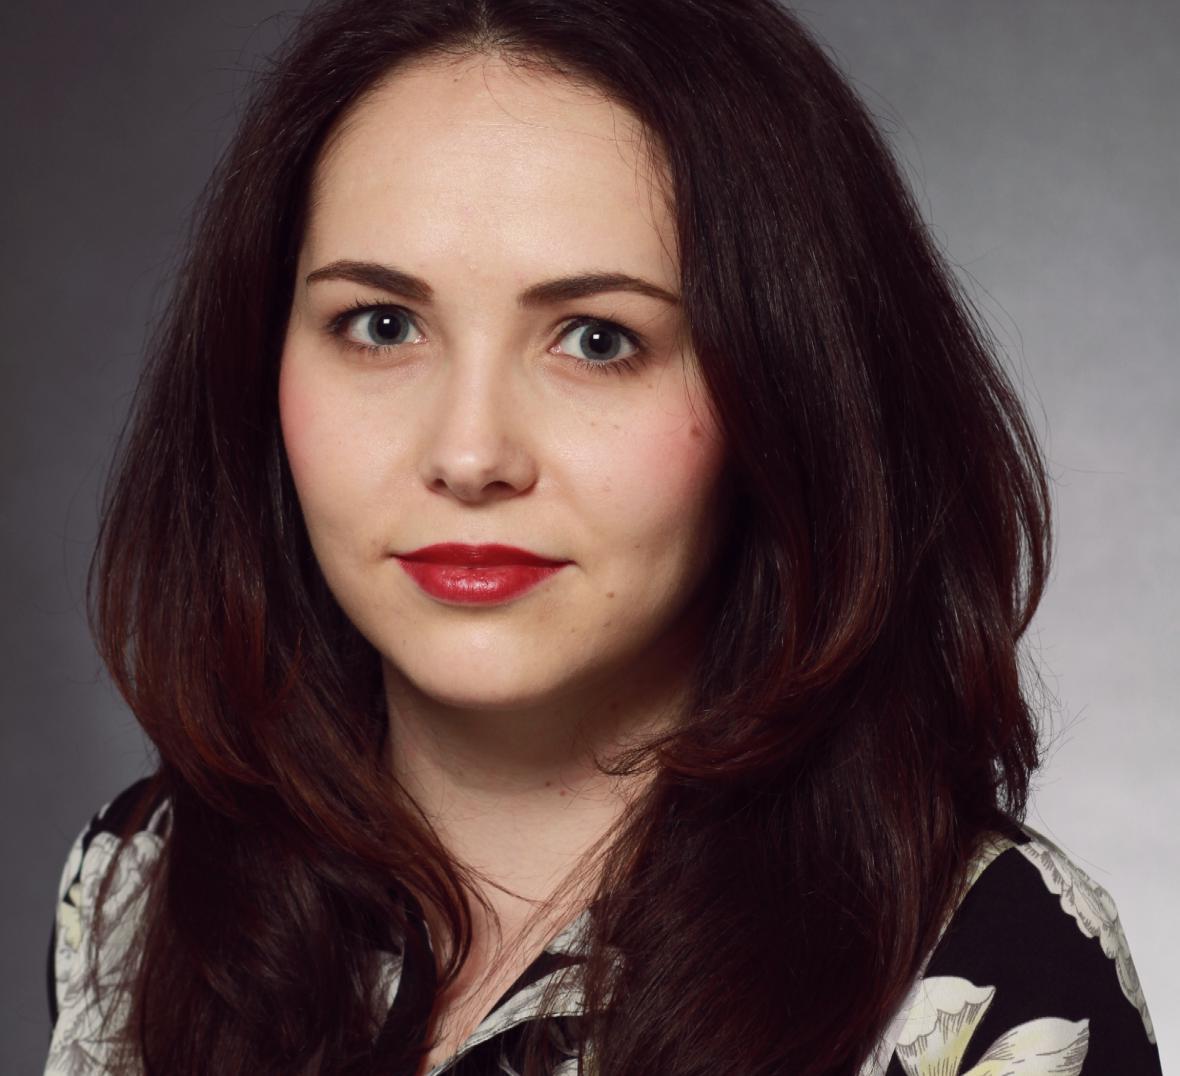 Johana Kudrnová